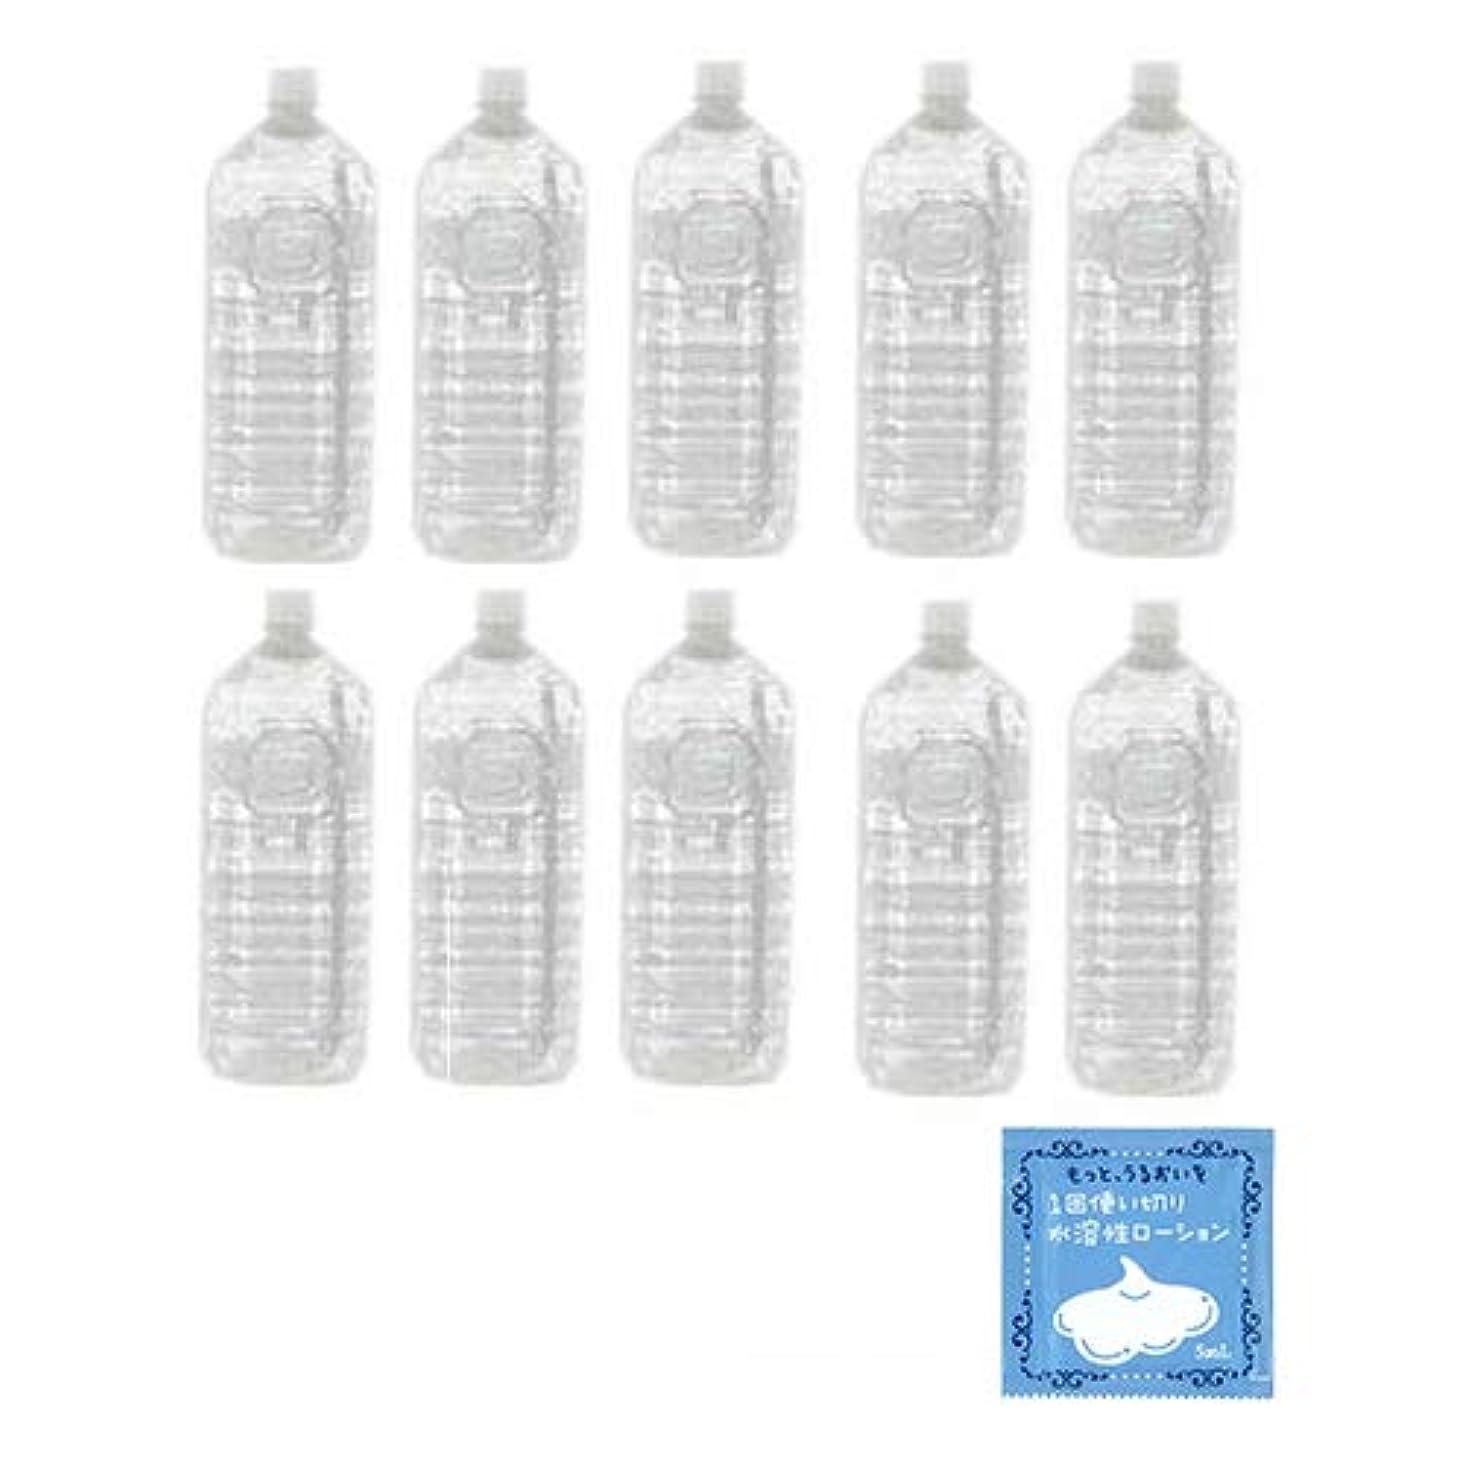 不道徳荒らす祝うクリアローション 2Lペットボトル ハードタイプ(5倍濃縮原液) × 10本セット+ 1回使い切り水溶性潤滑ローション